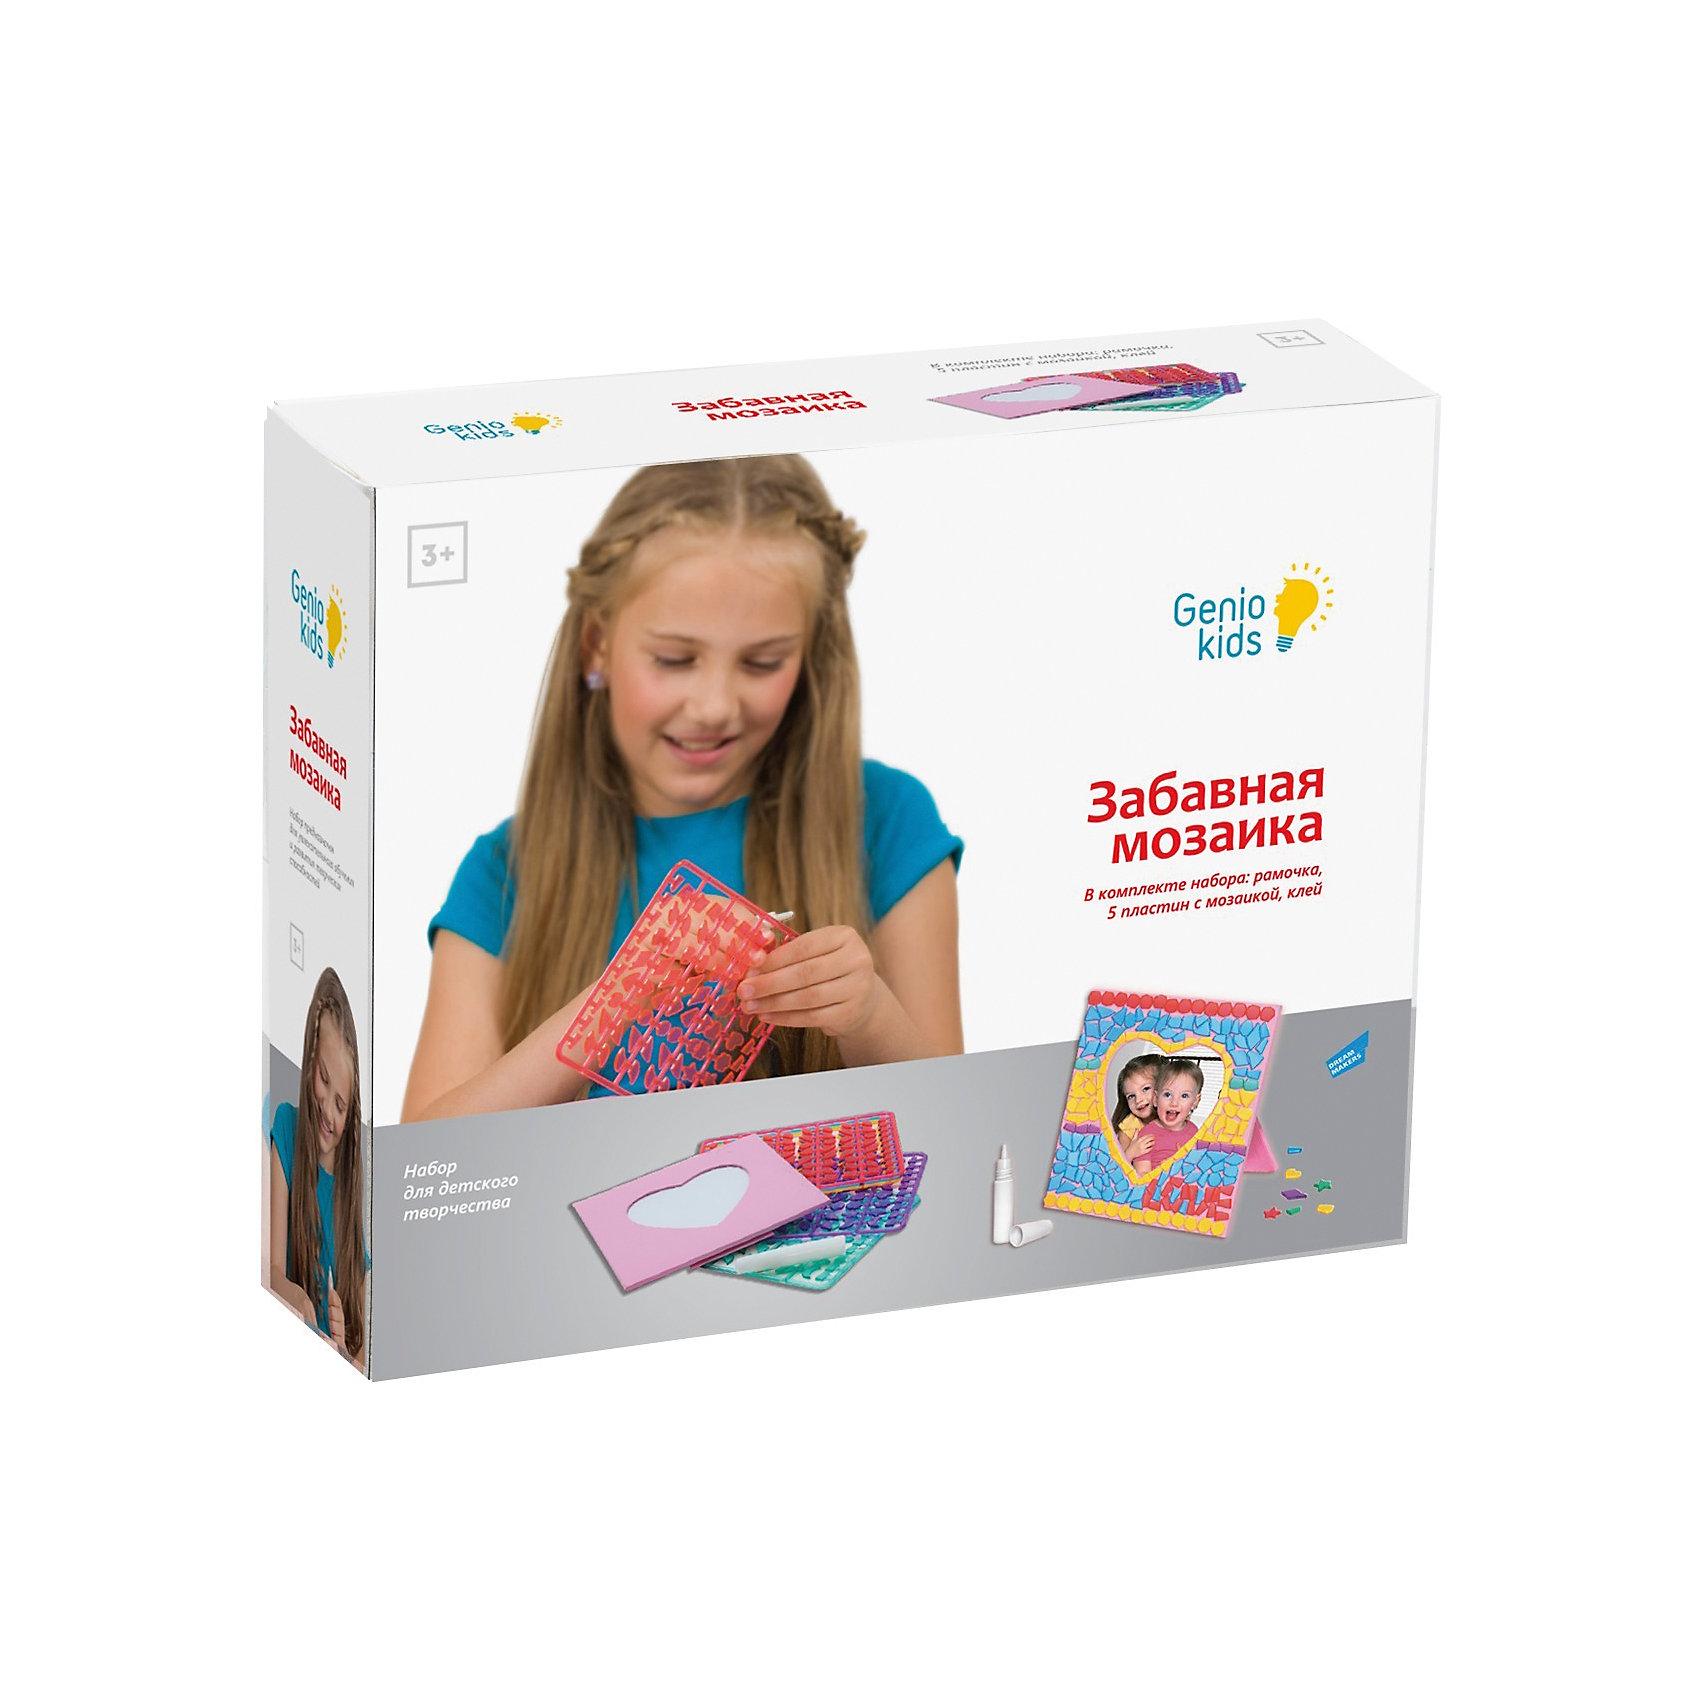 """Набор для детского творчества """"Забавная мозаика""""Мозаика детская<br>«Забавная мозаика» – это мозаика, элементы которой необходимо приклеивать к картонной фоторамке-основе с помощью клея. В результате работы с данным набором ребенок создаст фоторамку, в которую можно разместить любимую фотографию. Наборы мозаики направлены на развитие различных навыков: мелкой моторики, внимательности, аккуратности, усидчивости, творческого мышления. Для детей младшего возраста – закрепление цветов и их оттенков, изучение геометрических форм. Комплектность набора: 1 картонная фоторамка-основа, 5 пластин с пластиковыми элементами мозаики (оранжевого, зеленого, синего, фиолетового и розового цветов), 1 тюбик с клеем, инструкция.<br><br>Ширина мм: 210<br>Глубина мм: 70<br>Высота мм: 260<br>Вес г: 333<br>Возраст от месяцев: 36<br>Возраст до месяцев: 108<br>Пол: Женский<br>Возраст: Детский<br>SKU: 5018331"""